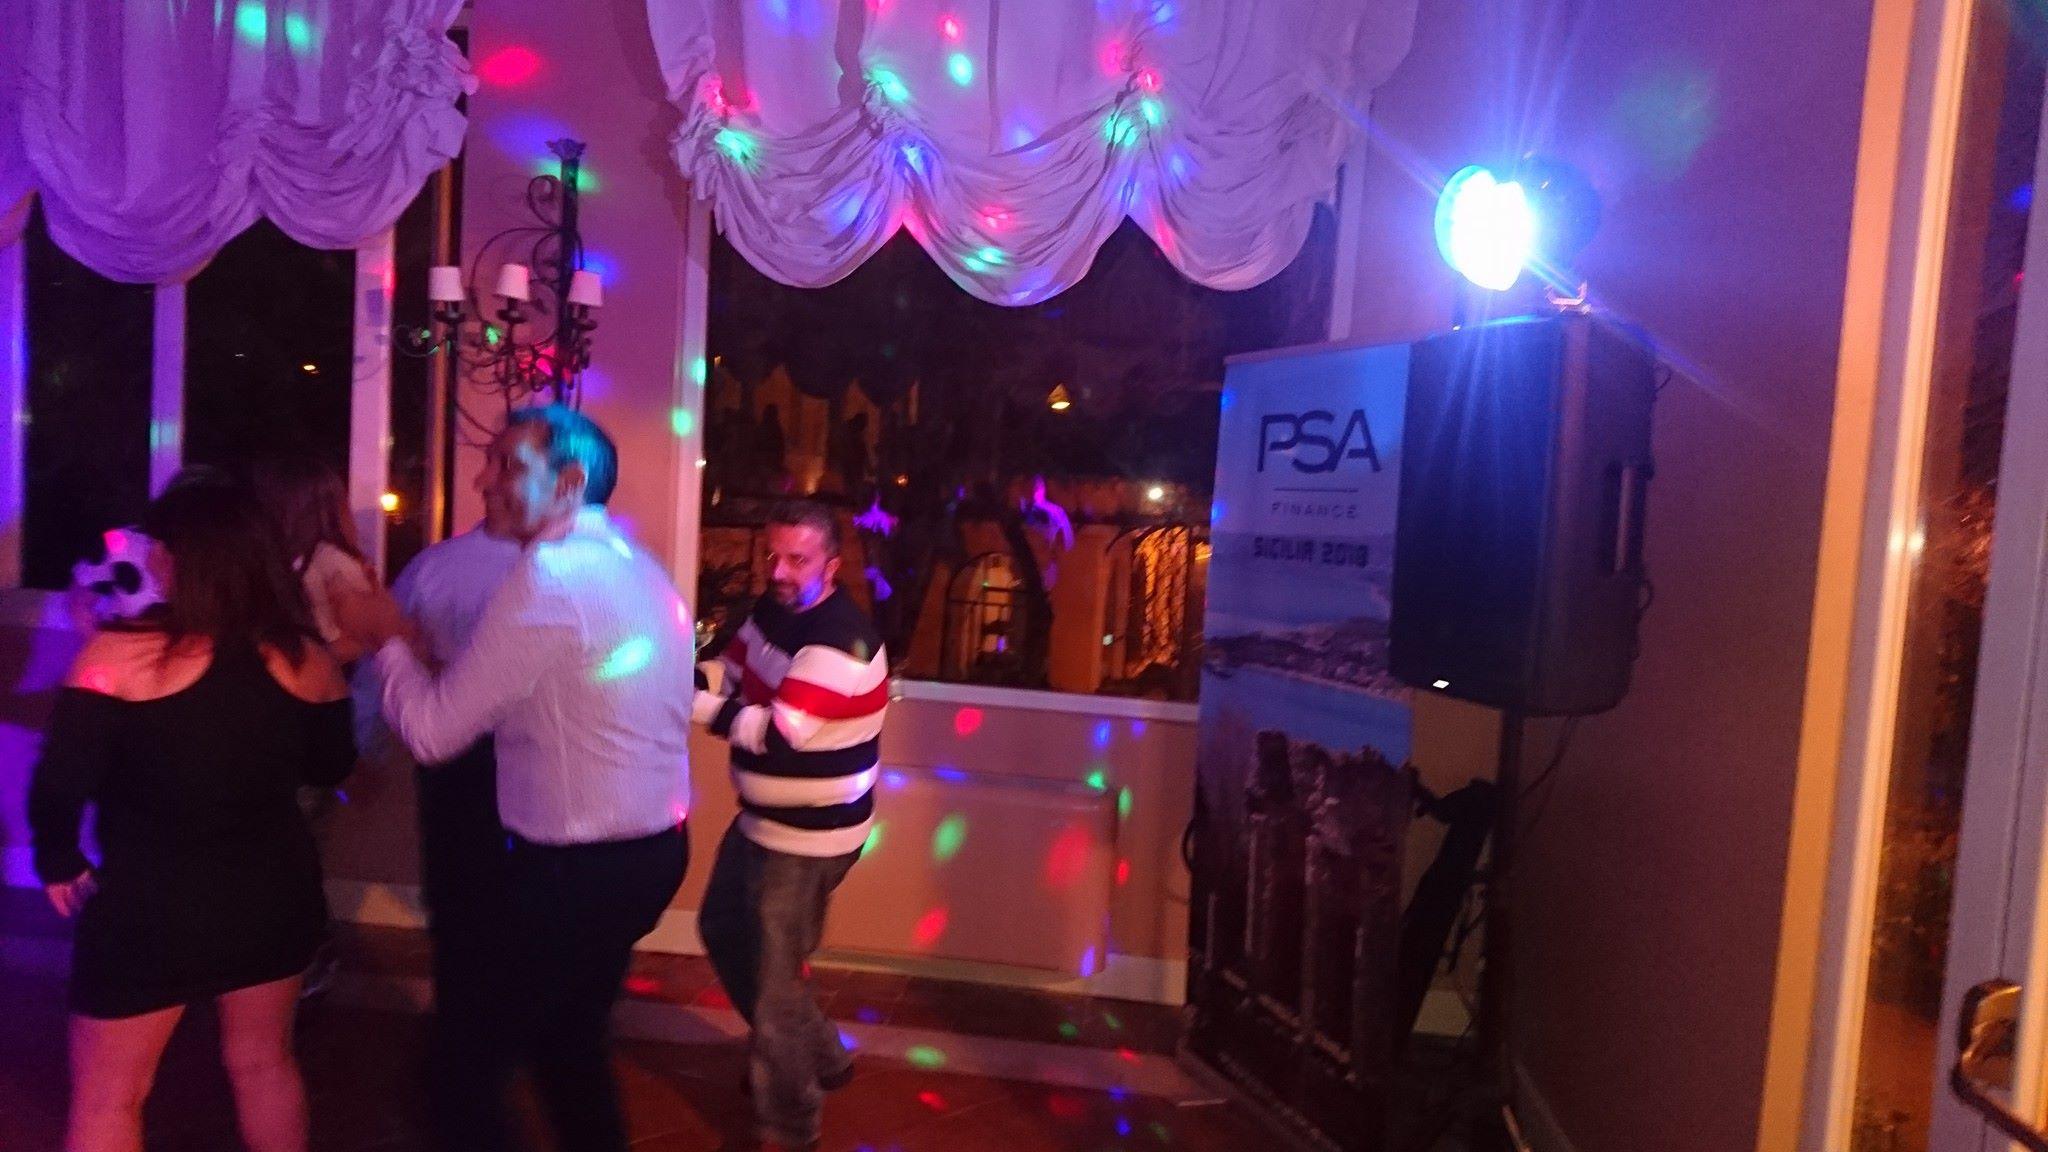 Evento aziendale-PSA 2018-028